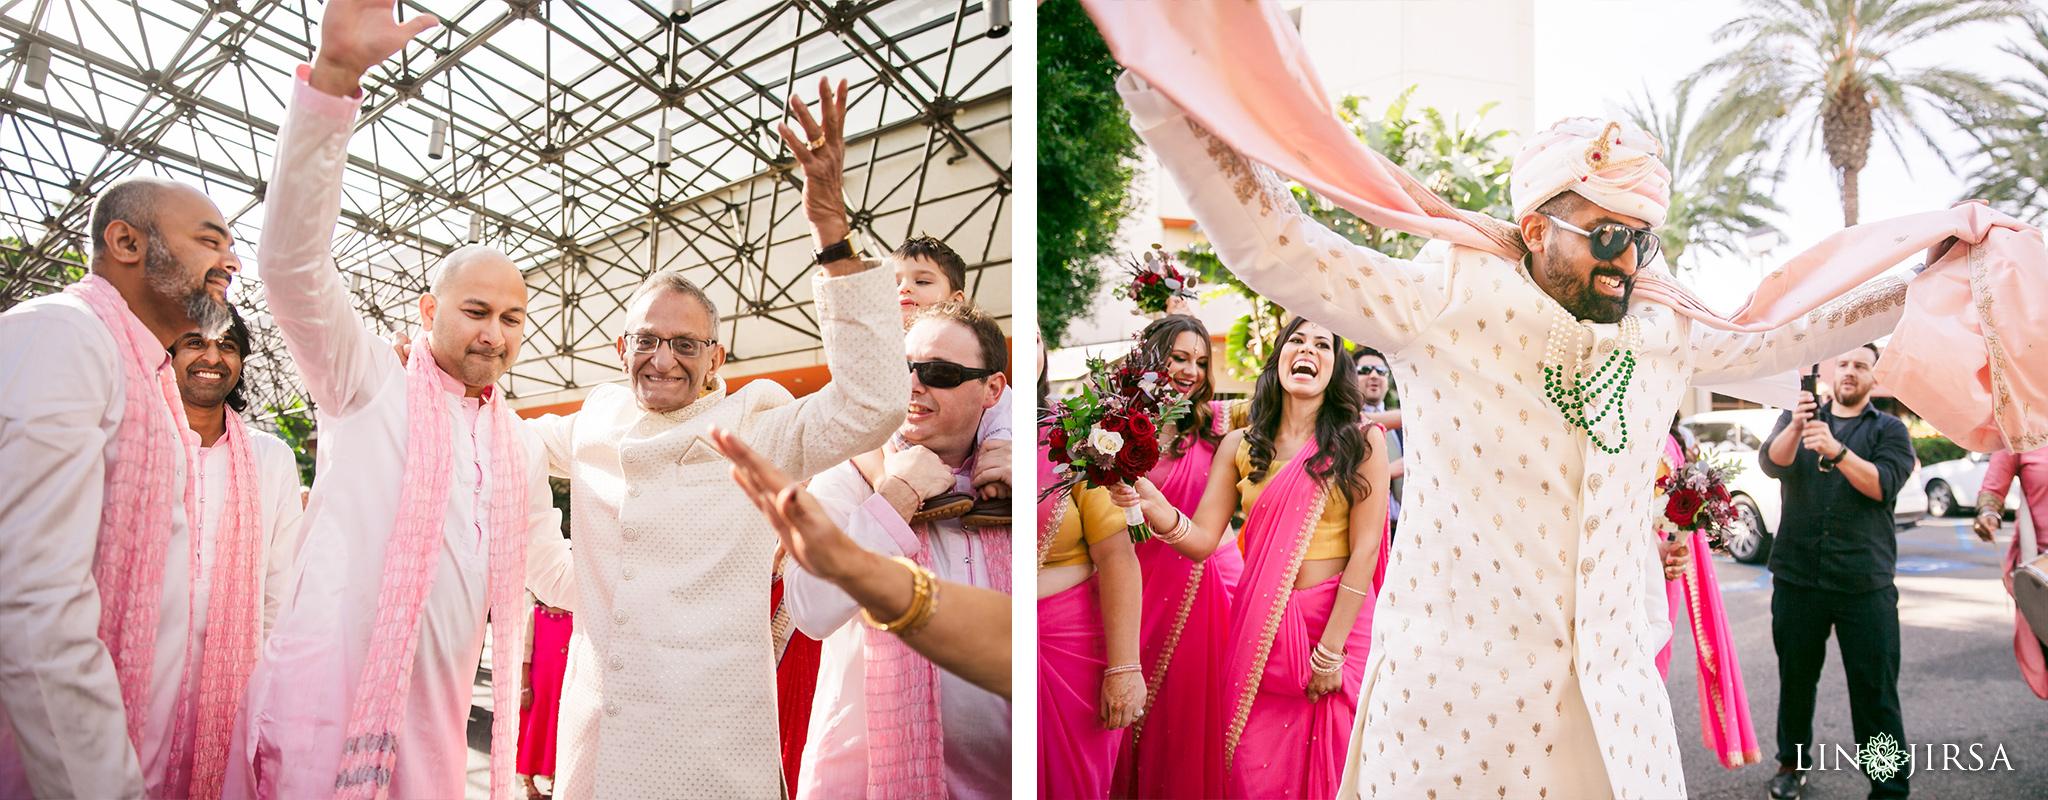 20 Hotel Irvine Indian Wedding Photography